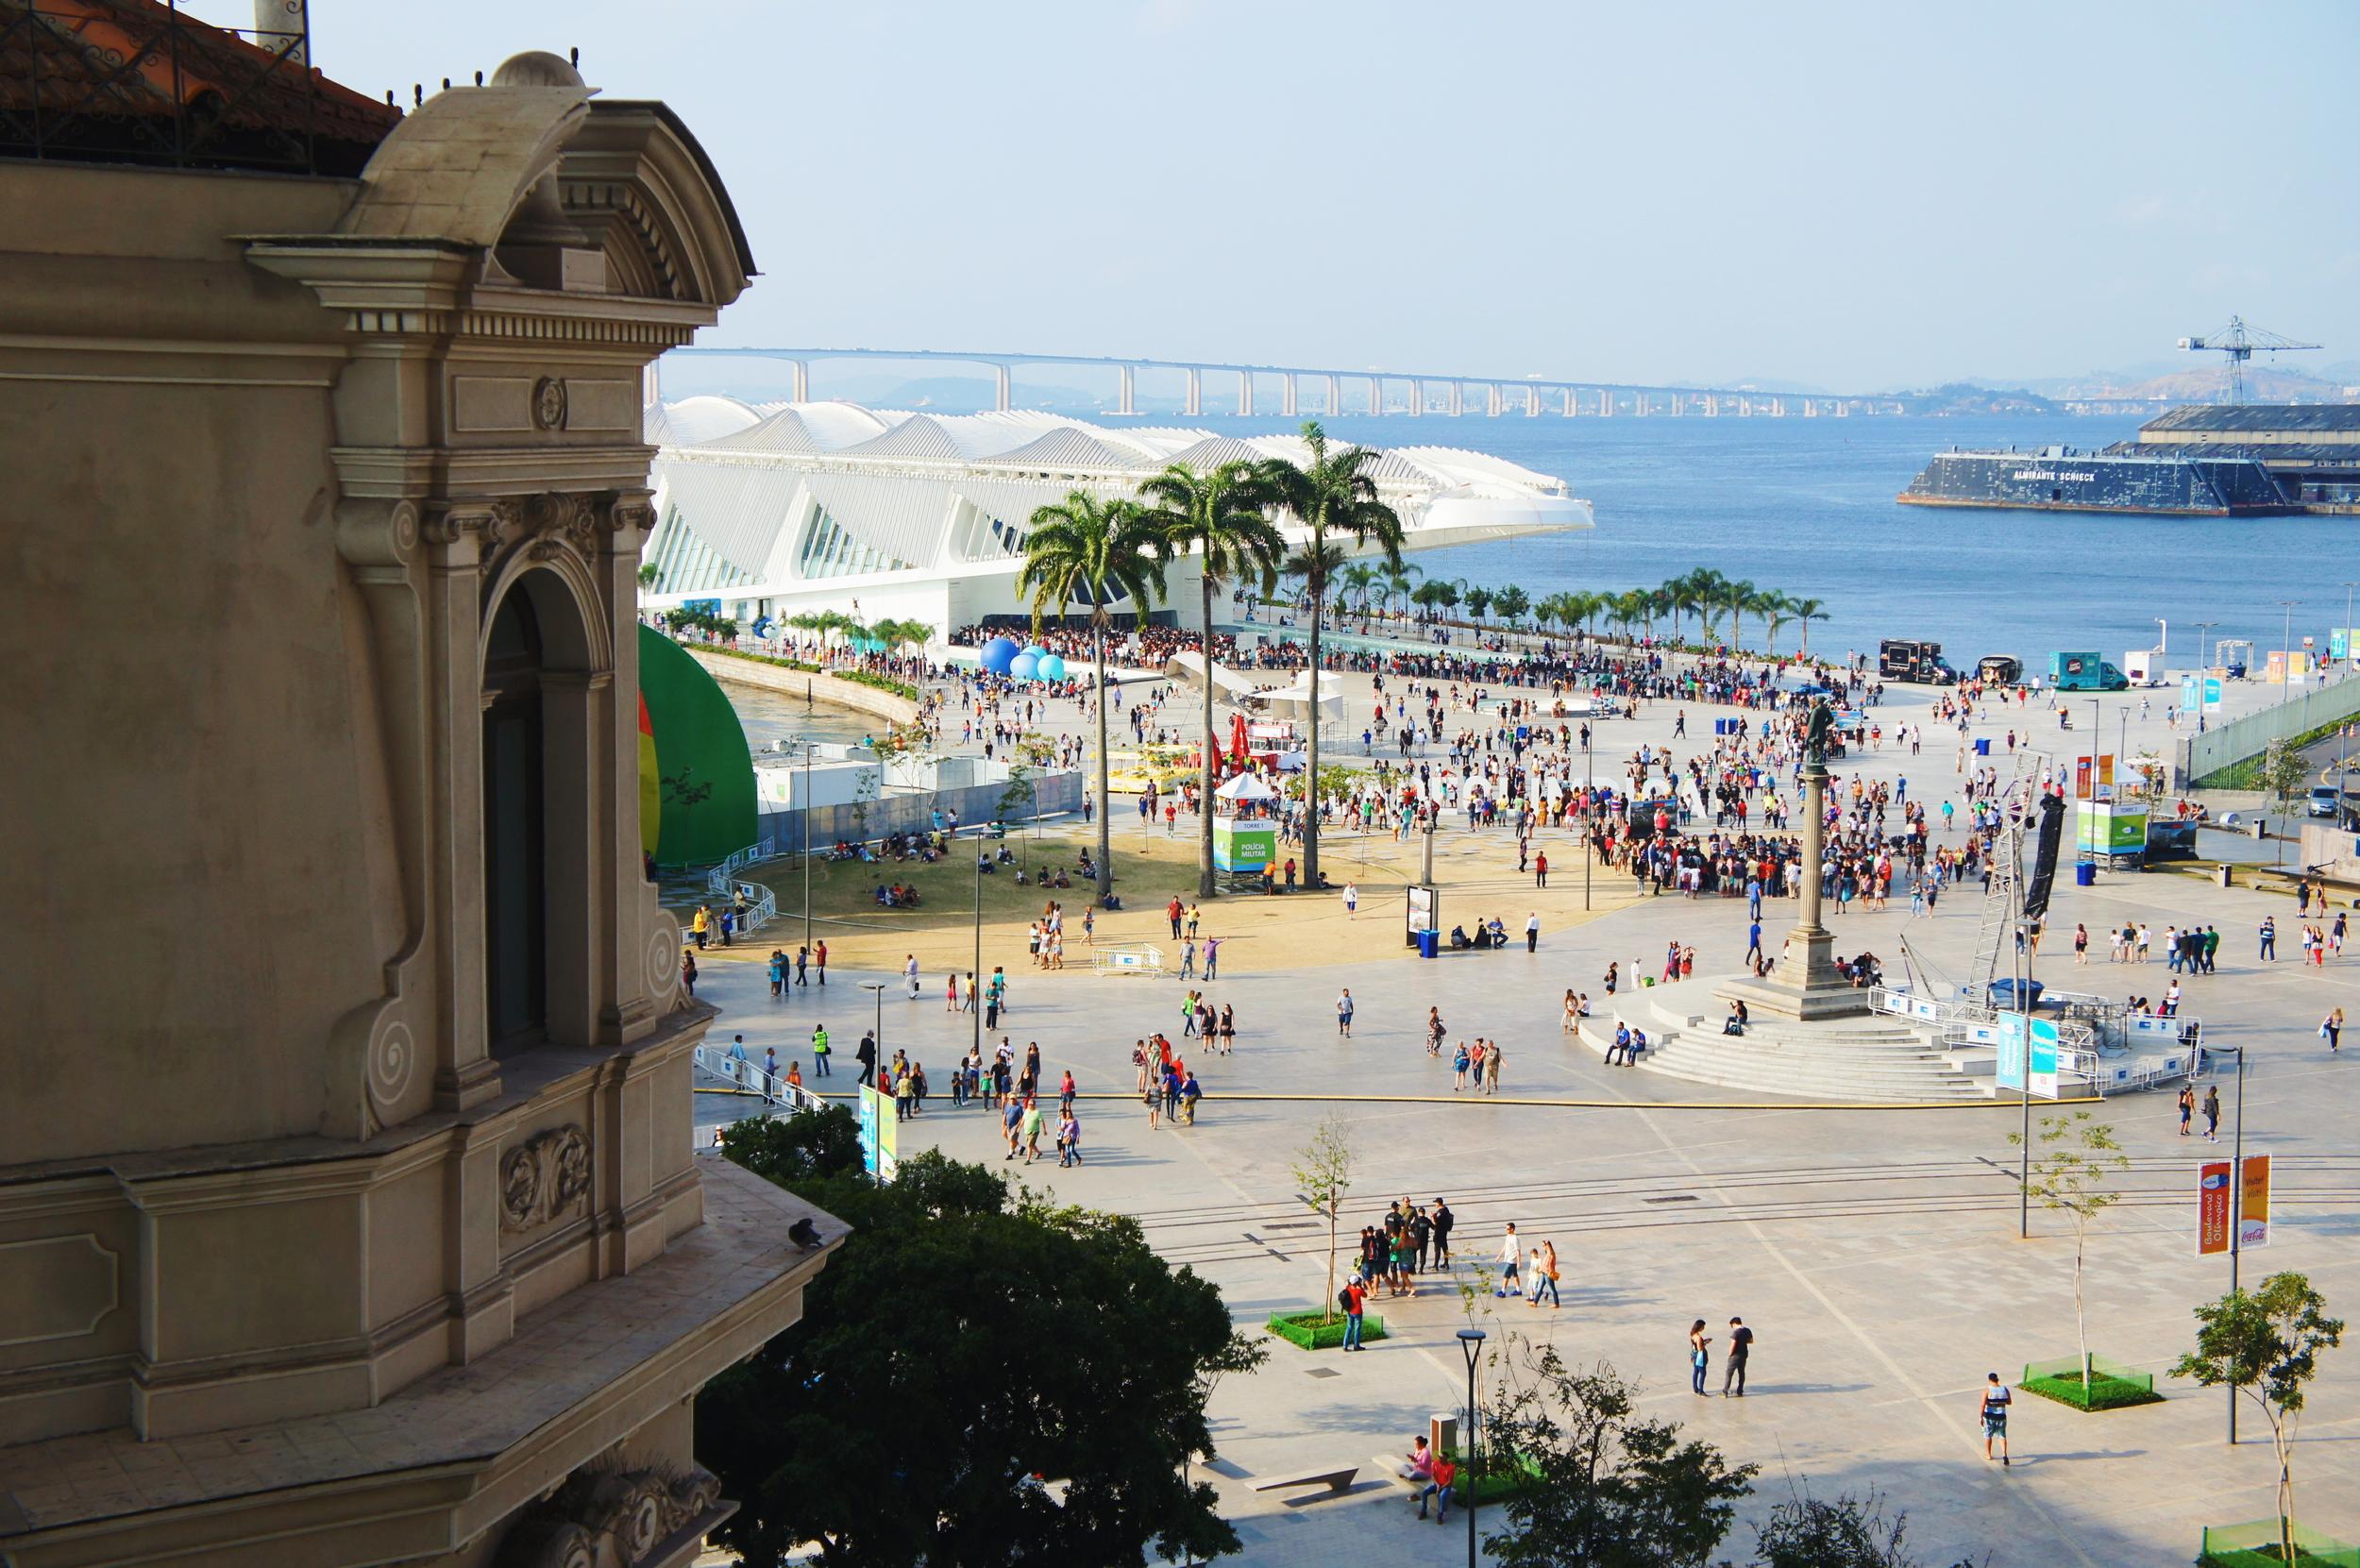 Praça Mauá e Museu do Amanhã vistos a partir do MAR.